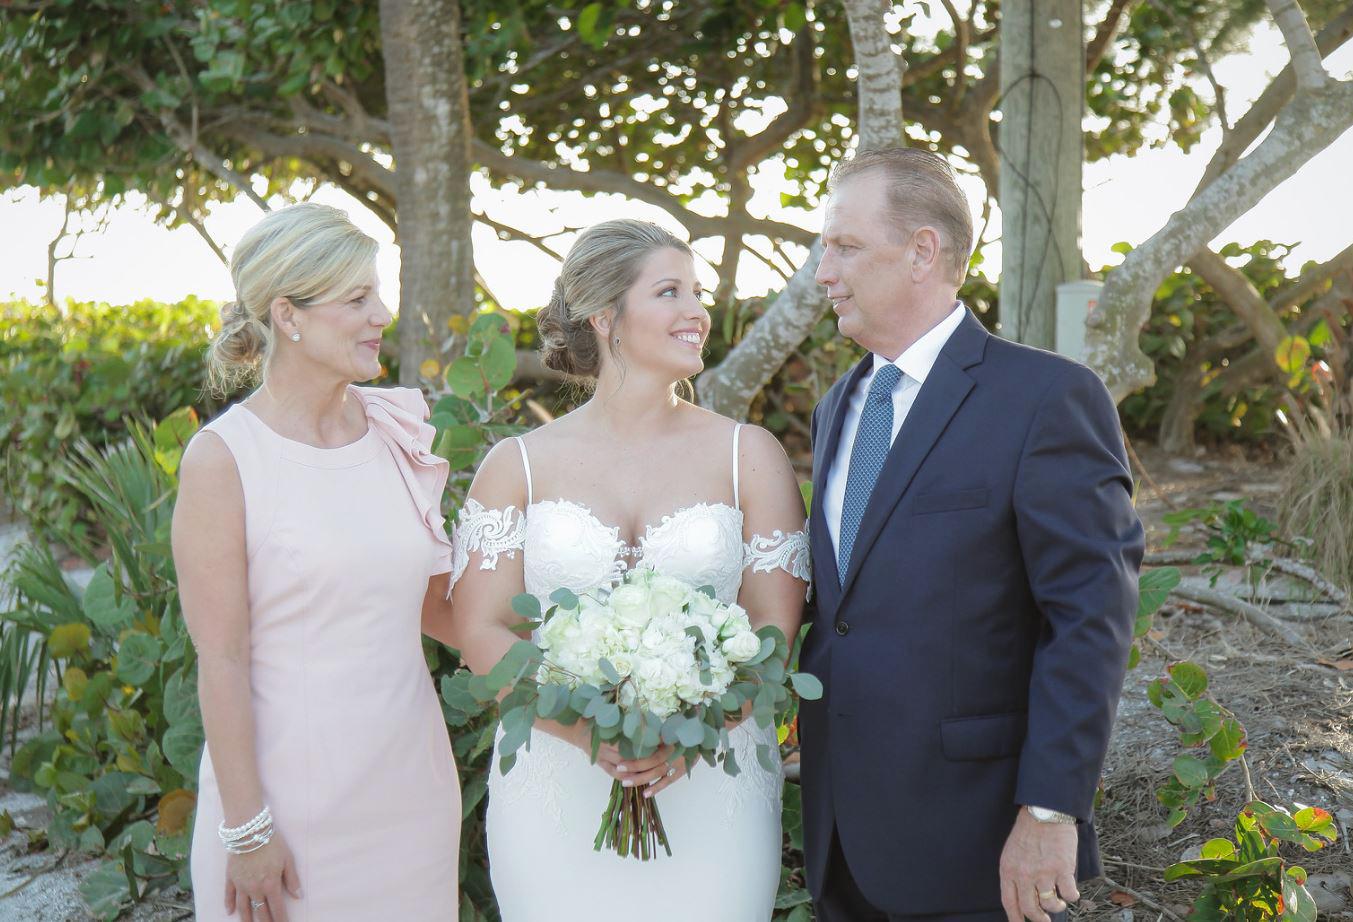 Jaime_wedding_photographer_017.JPG